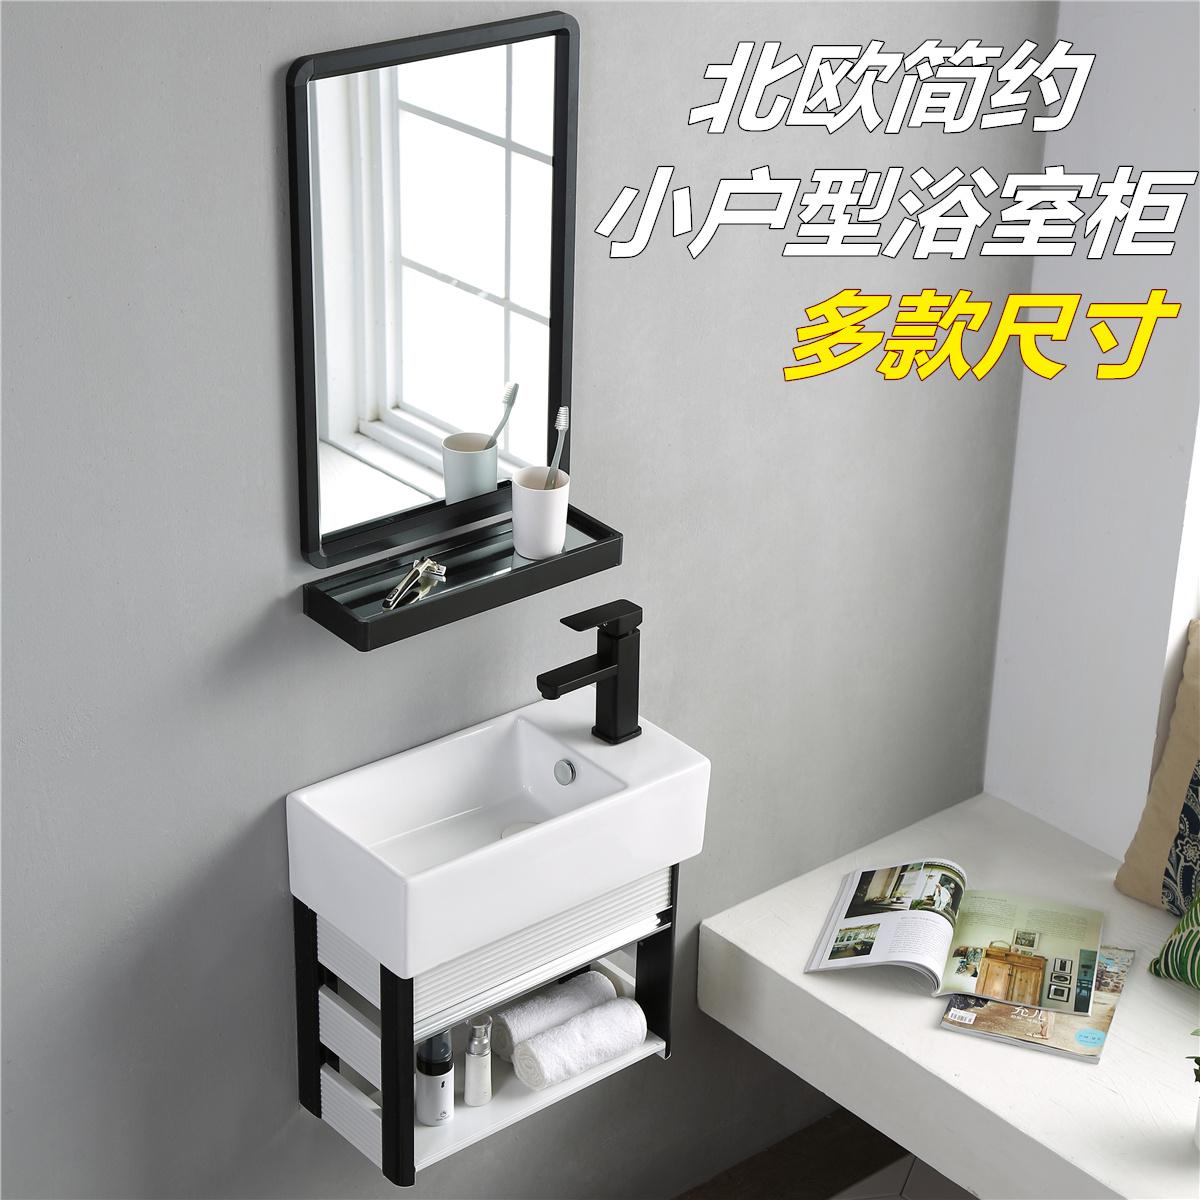 Тумбы под раковины для ванной комнаты Артикул 590589416158